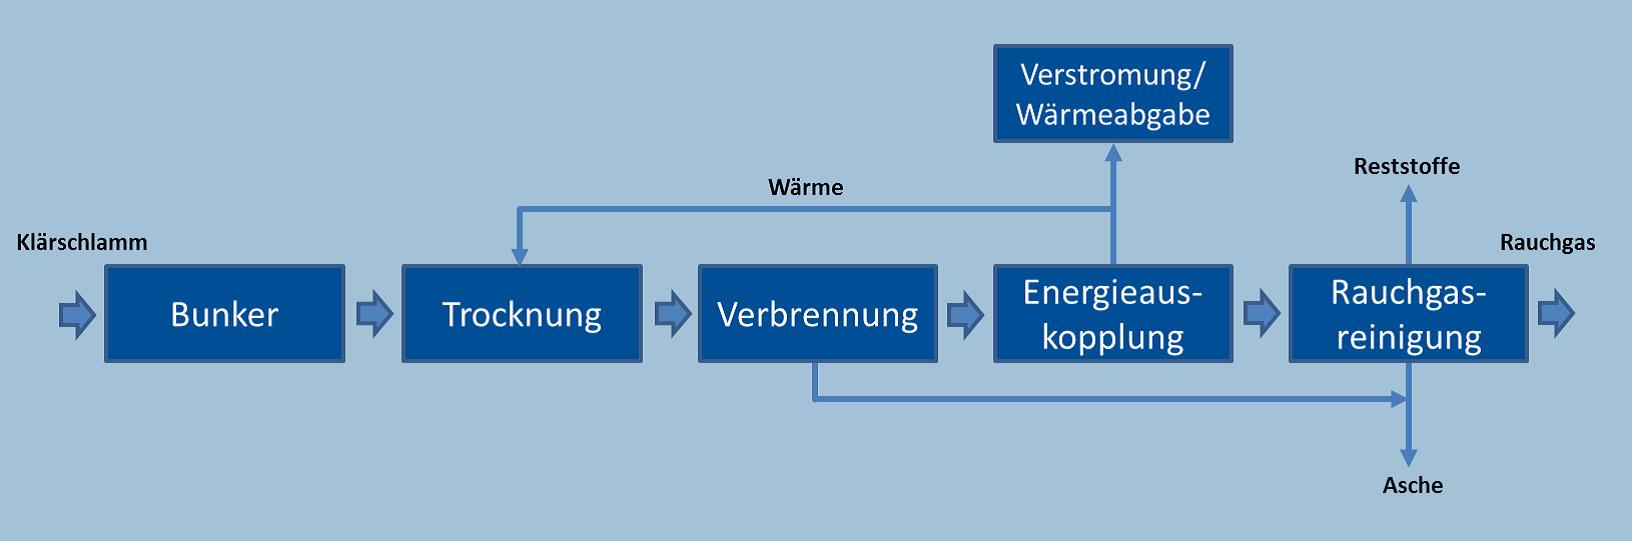 Quelle: Dr. Andreas Glatzer (Outotec GmbH&CoKG, Oberursel), Dipl.Ing. Michael Friedrich (Ingenieurbüro Friedrich, Schwerin);  PPP Klärschlamm-Monoverbrennung - Wirtschaftliche und technische Grenzen , DWA-Netzwerktagung Klärschlammnetzwerk Nord-Ost, 9.9.2015